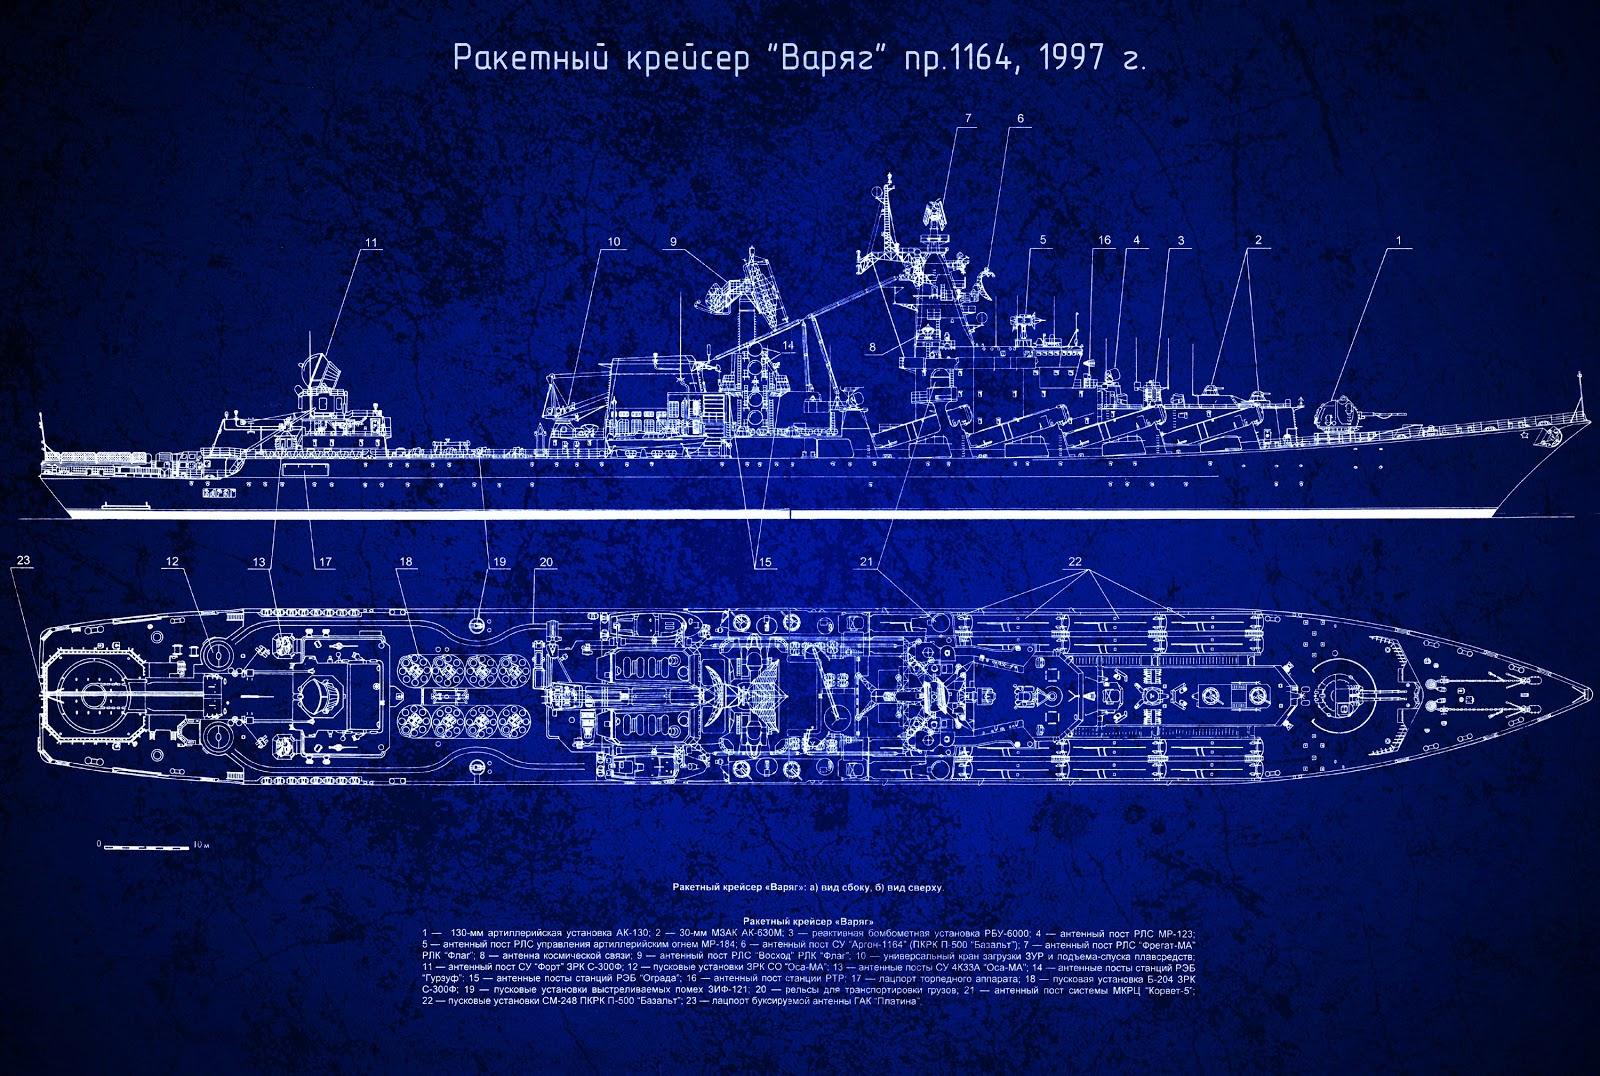 http://2.bp.blogspot.com/-ocmLNXcu1X0/UJft01VP5JI/AAAAAAAADZQ/sCERt4mbPVg/s1600/Blueprint+Russian+Submarine.jpg